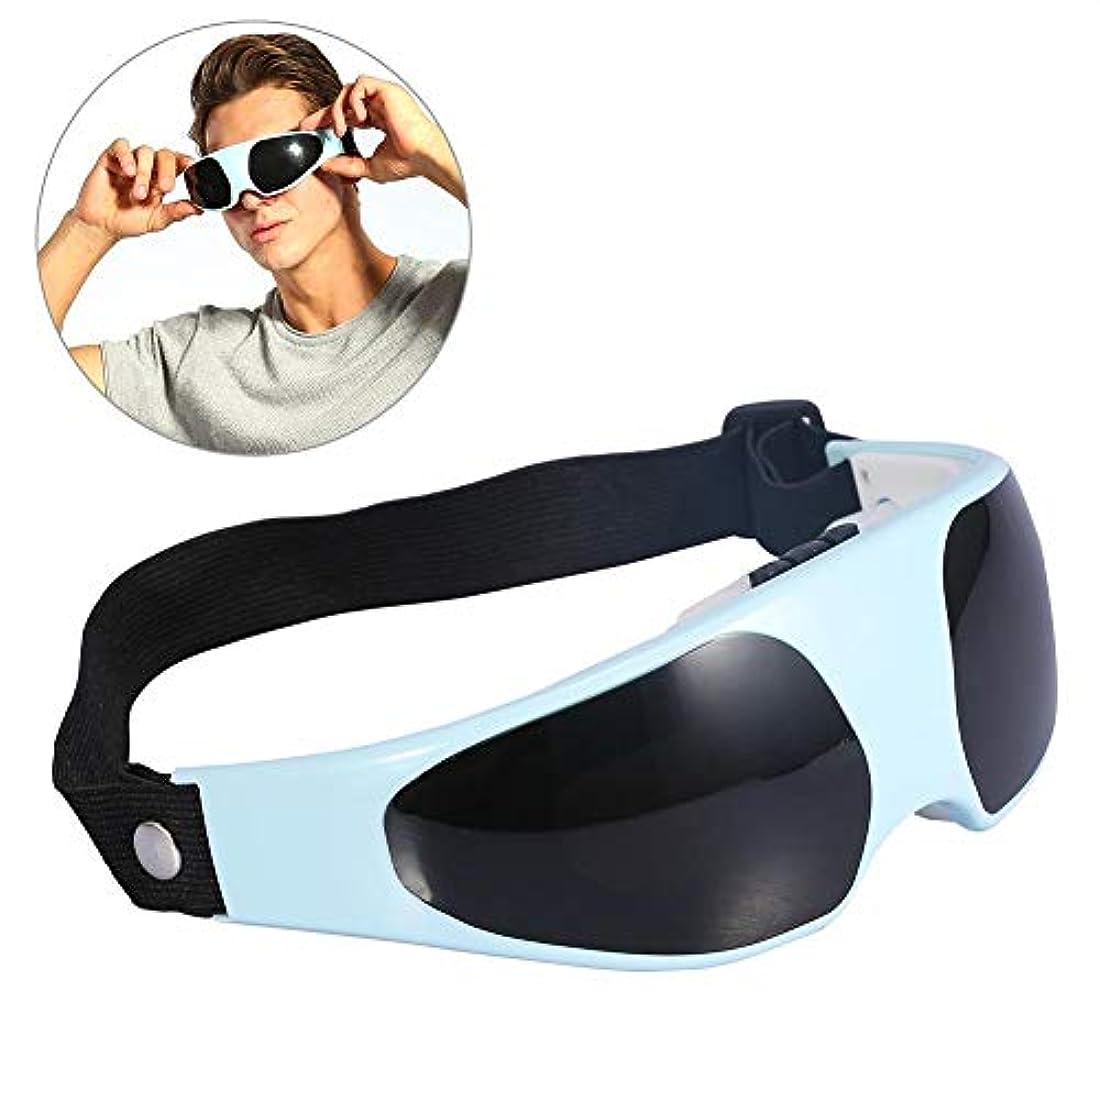 しなければならないダーツ任意アイマッサージャー、コードレス電動アイマスクマッサージ新しい便利なエレクトリックリリーフ疲労ヘルシー片頭痛マスク額アイマッサージャーヘルスケア